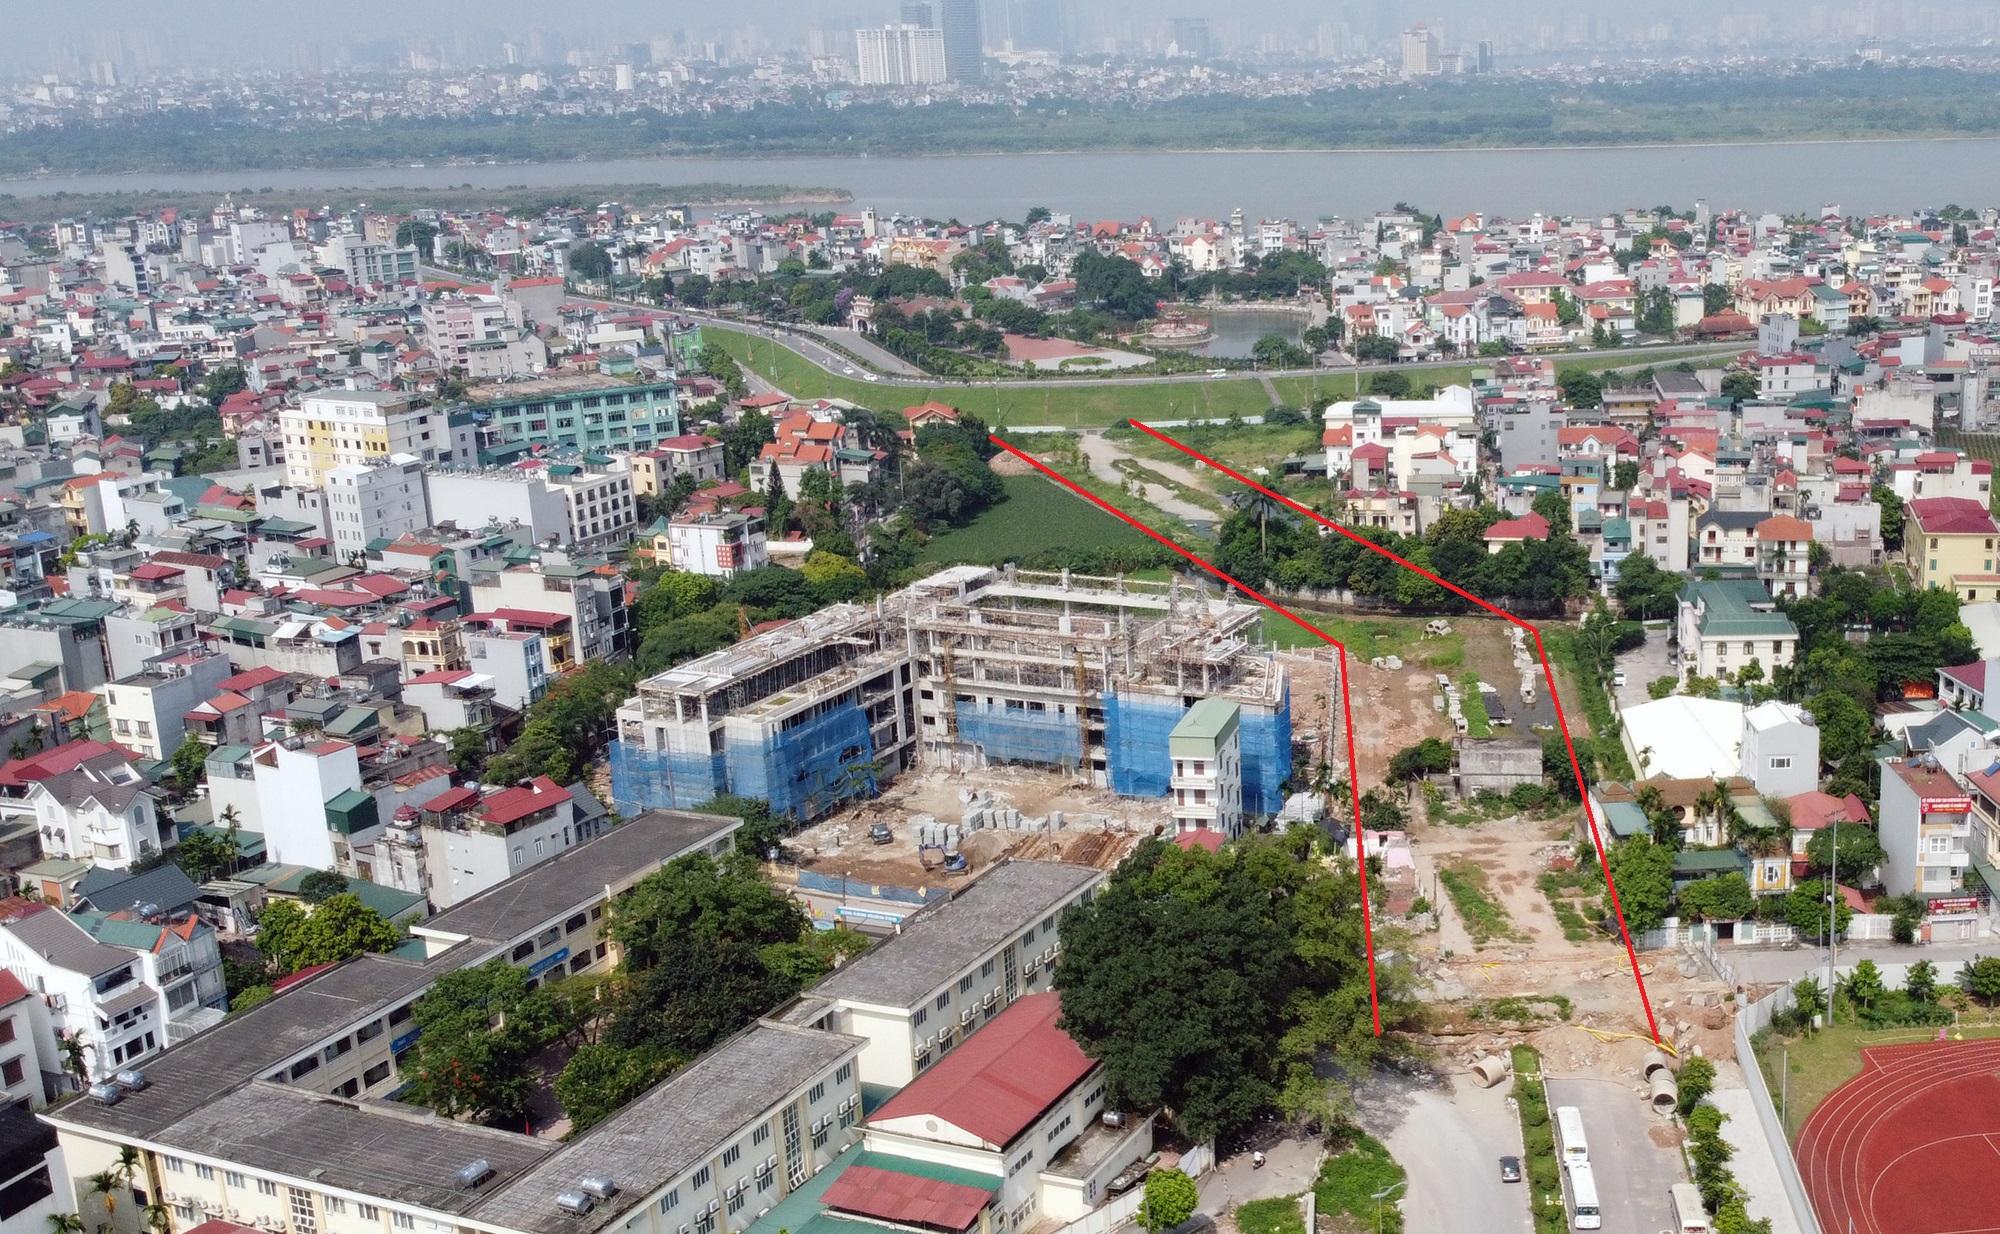 đường sẽ mở theo qui hoạch ở phường Ngọc Thụy, Long Biên, Hà Nội - Ảnh 4.